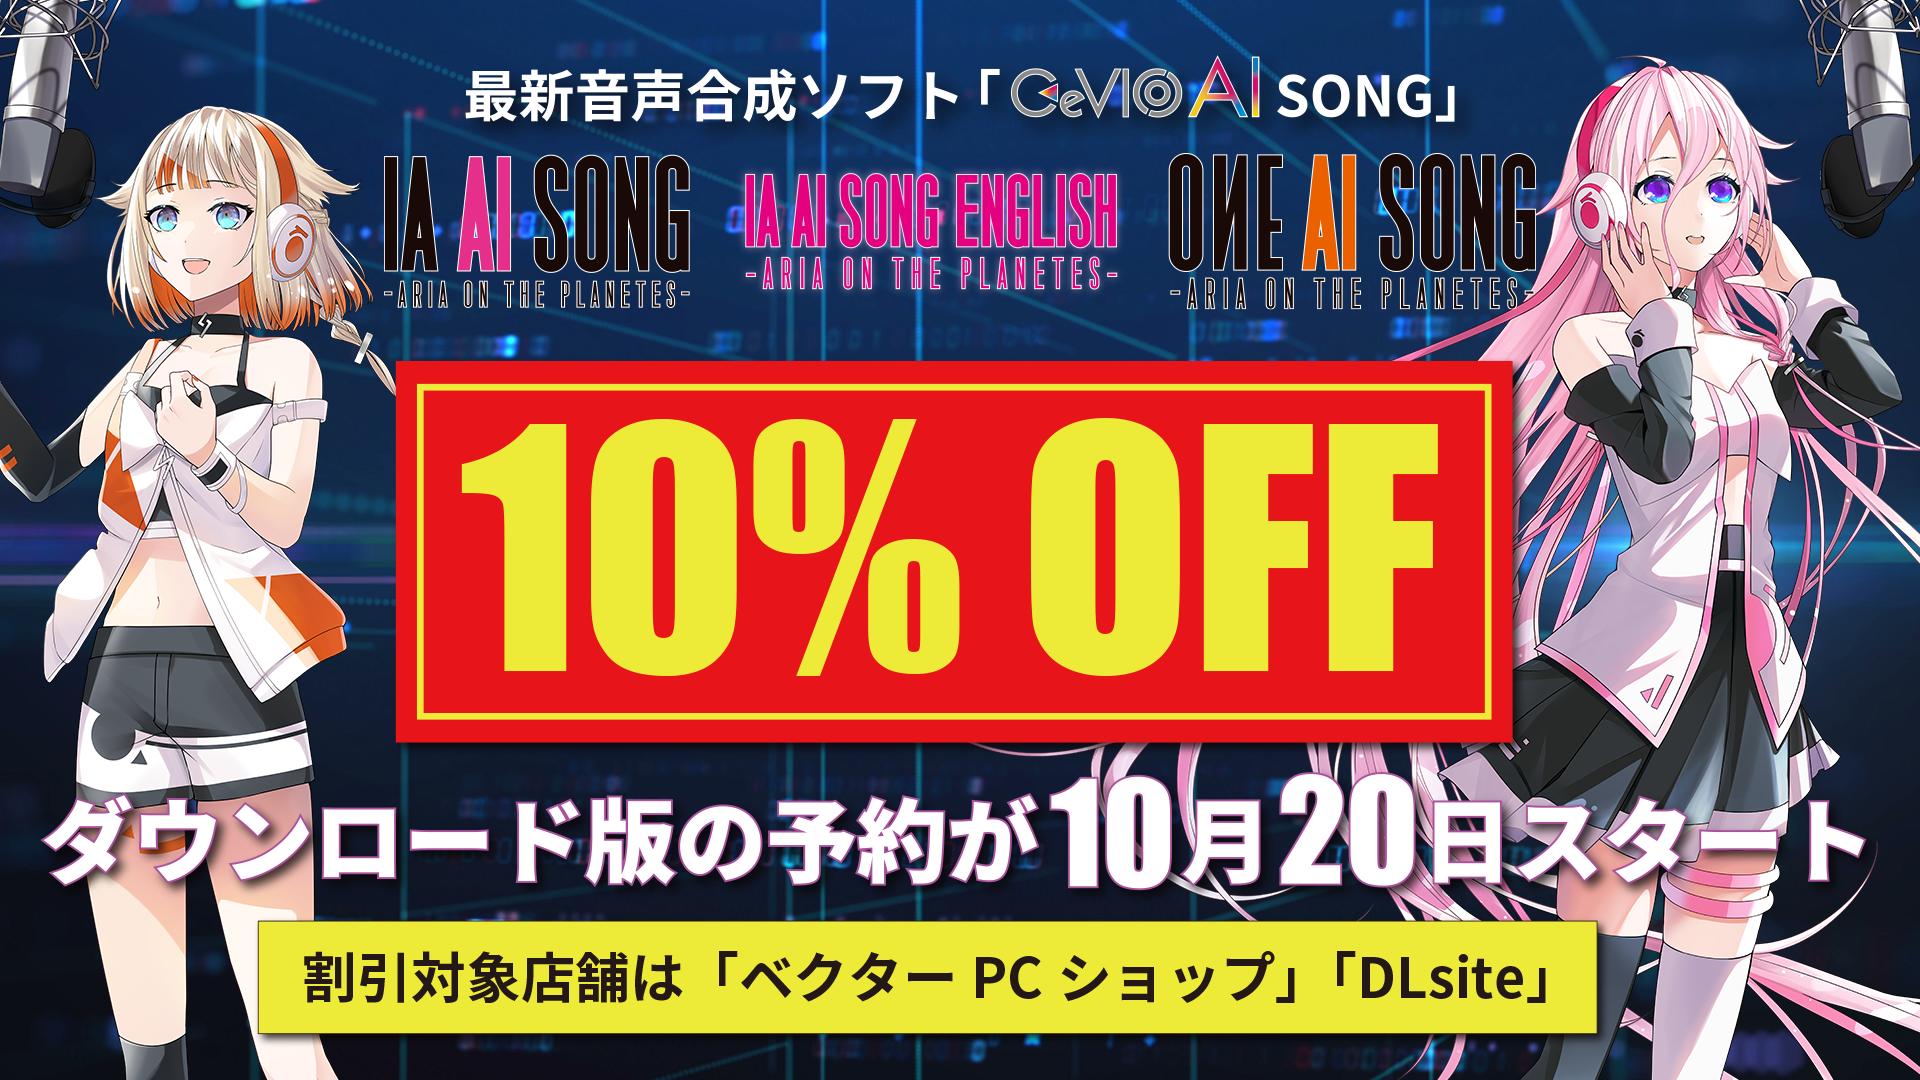 【10%OFF】明日10/20 AM10:00より「OИE AI SONG」がDLsite、ベクターPCショップで予約受付が開始!